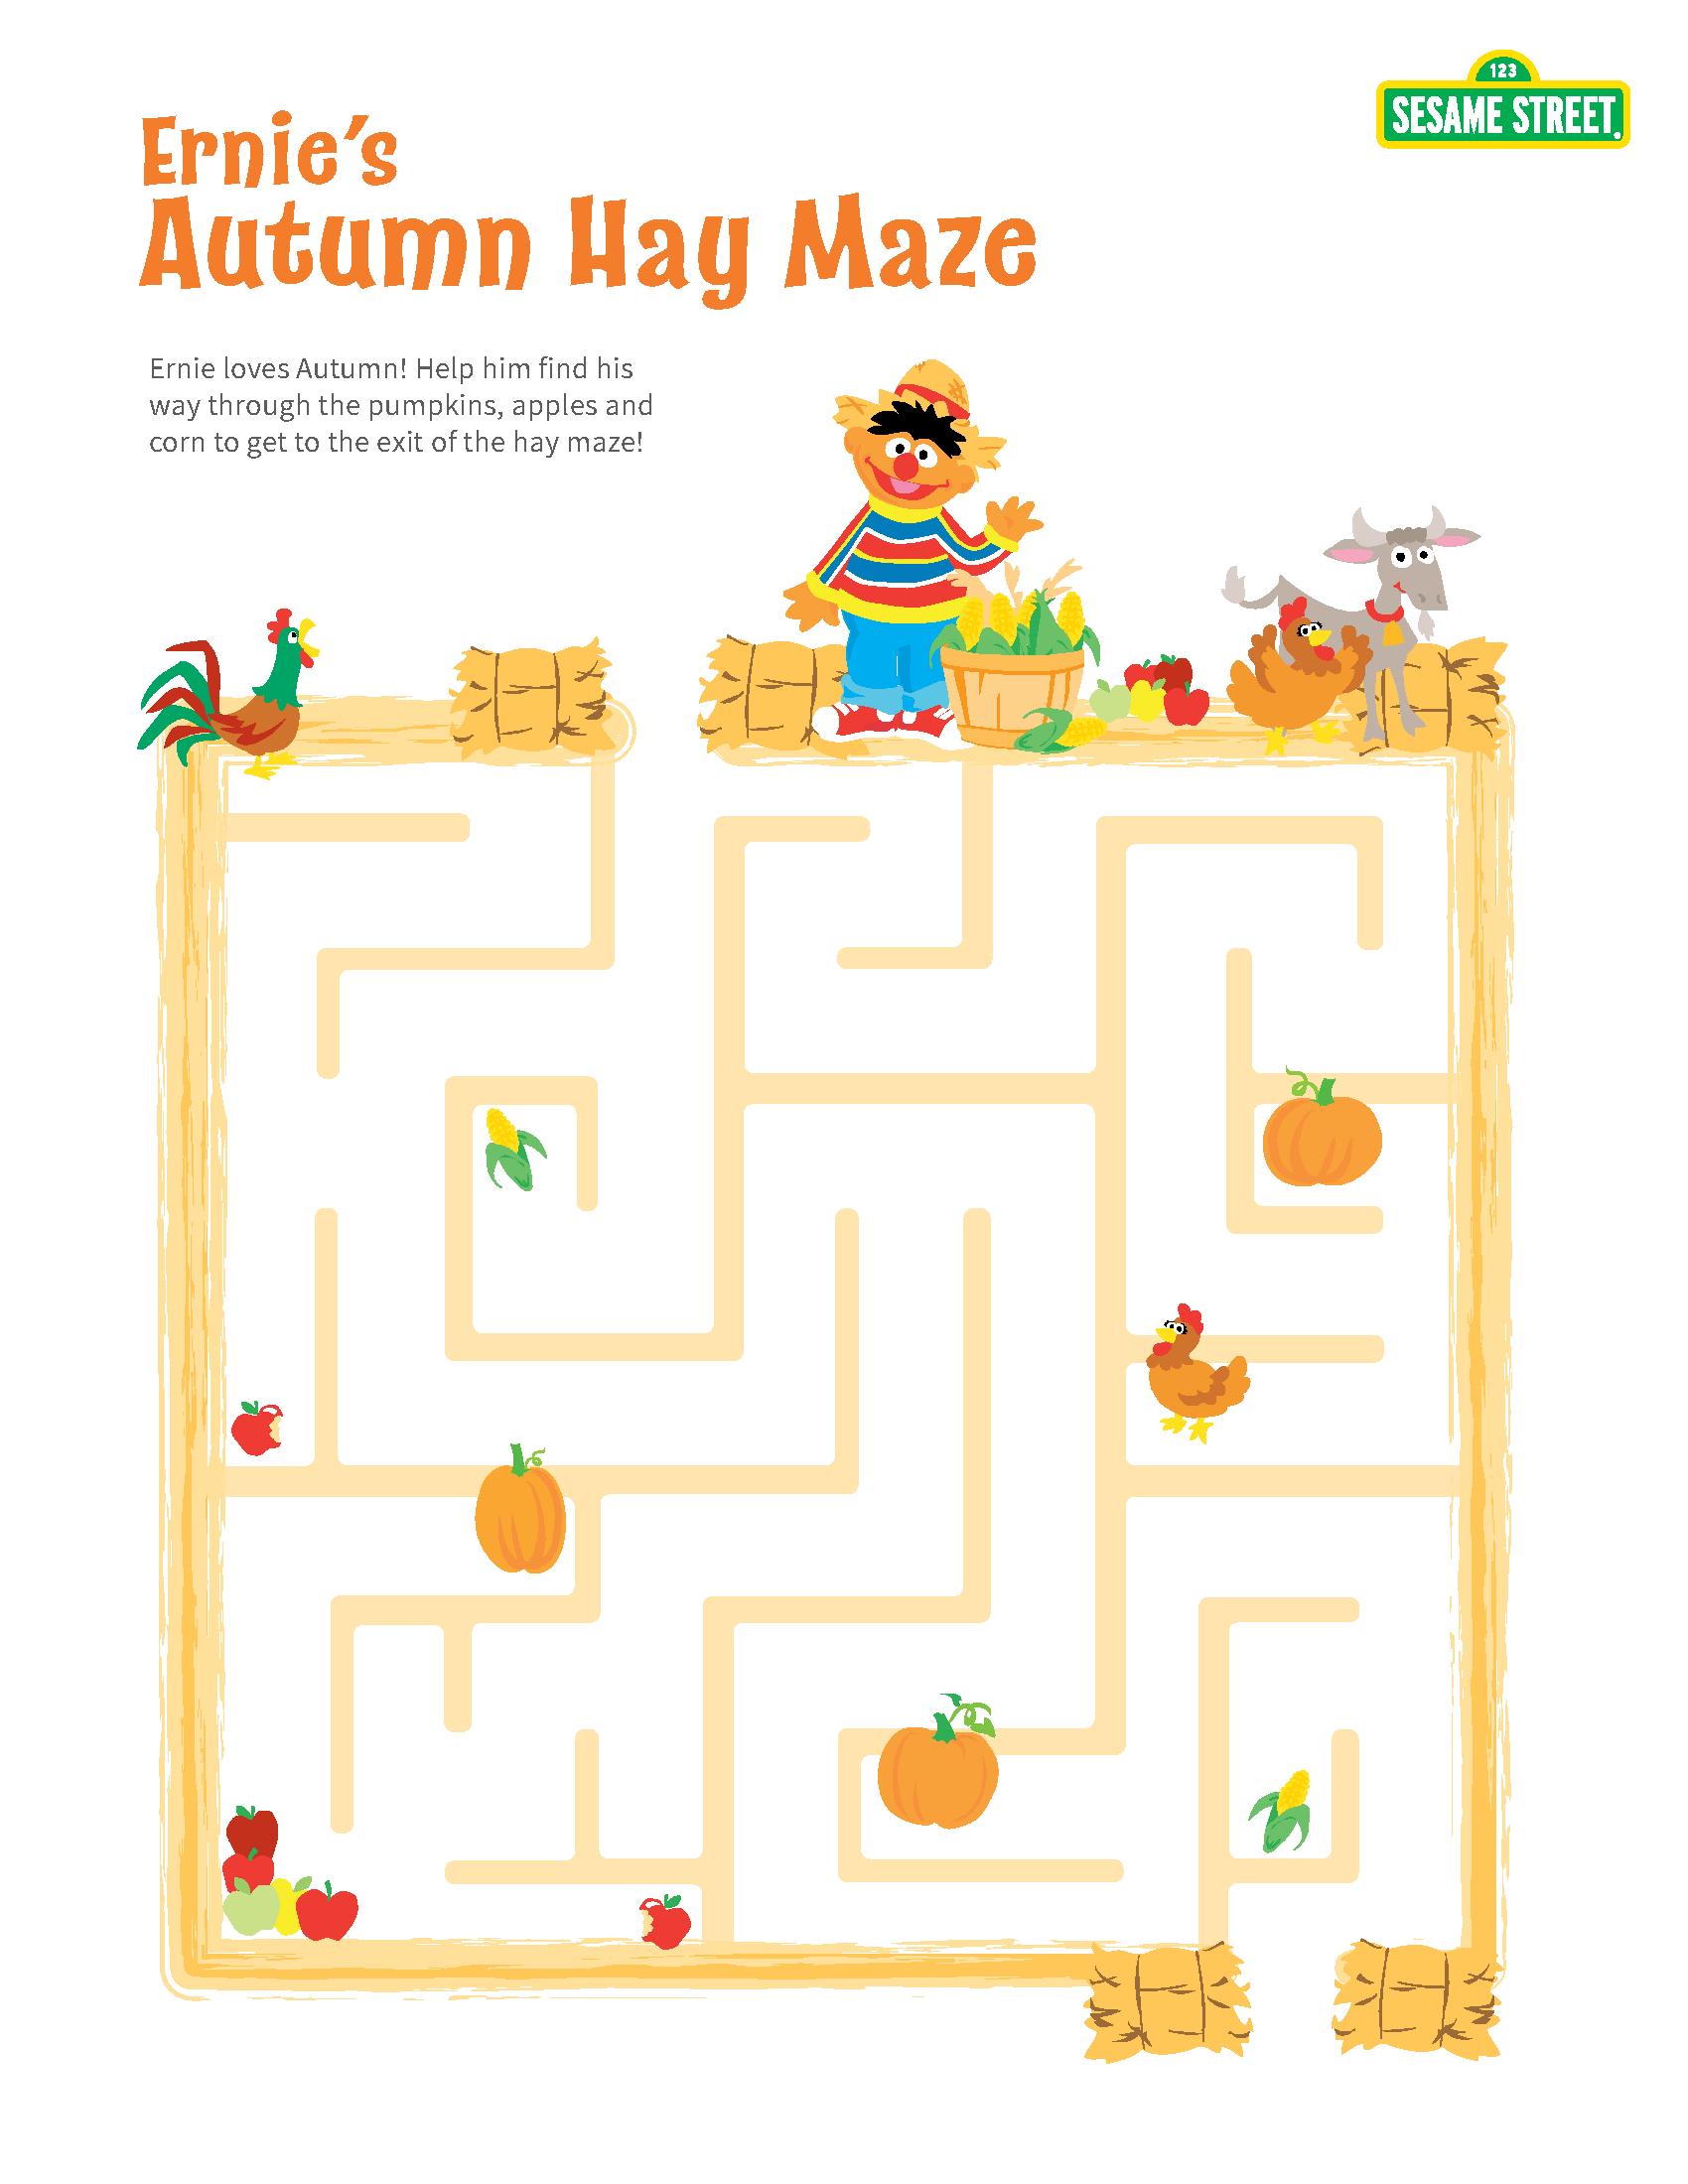 Printable Sesame Street Autumn Hay Maze With Ernie